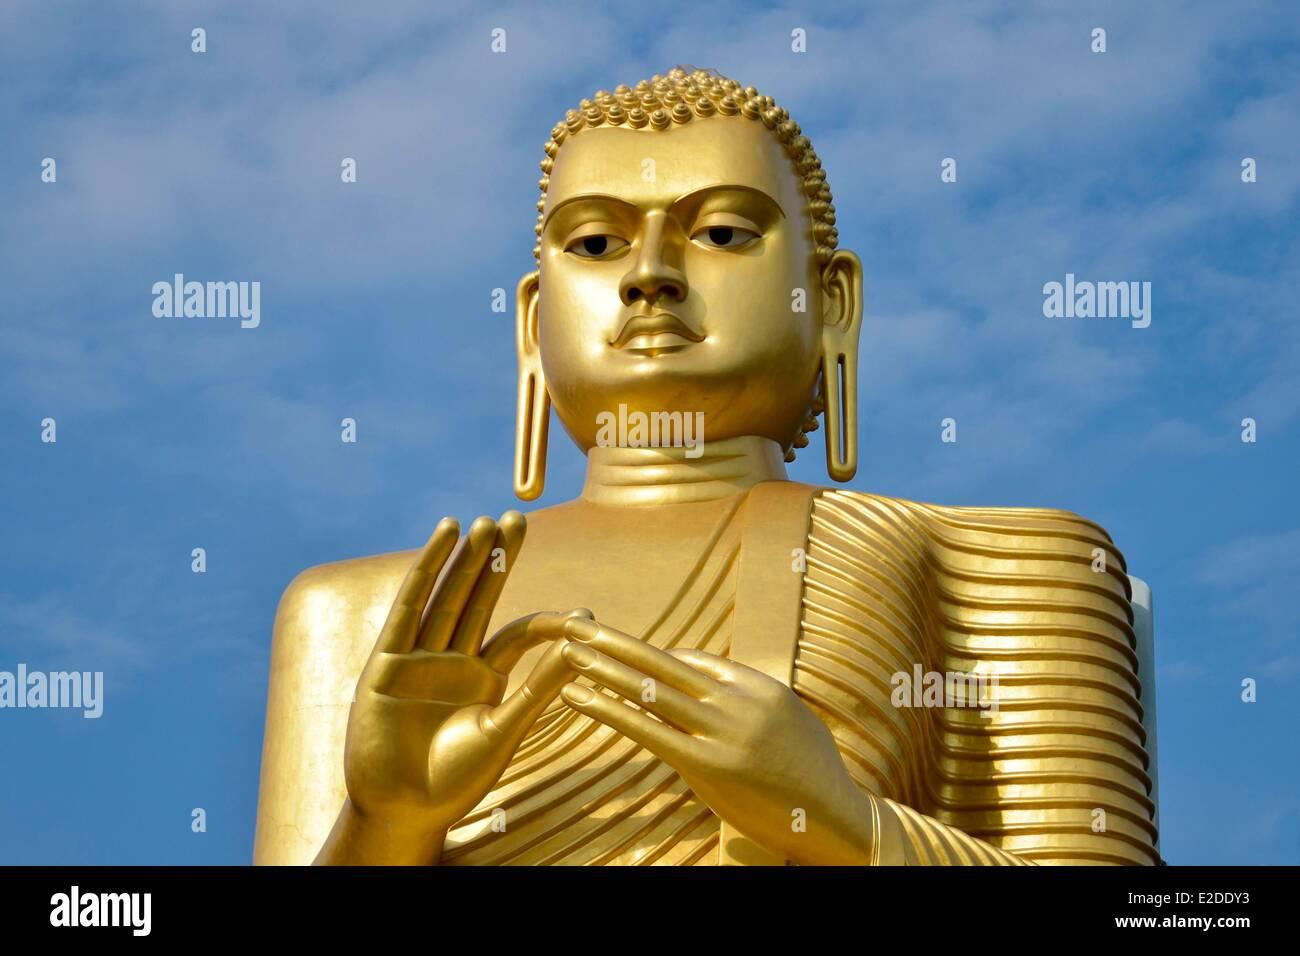 Sri Lanka zentralen Provinz Matale Bezirk Dambulla Statue des großen Buddha überzogen mit Blattgold Stockbild